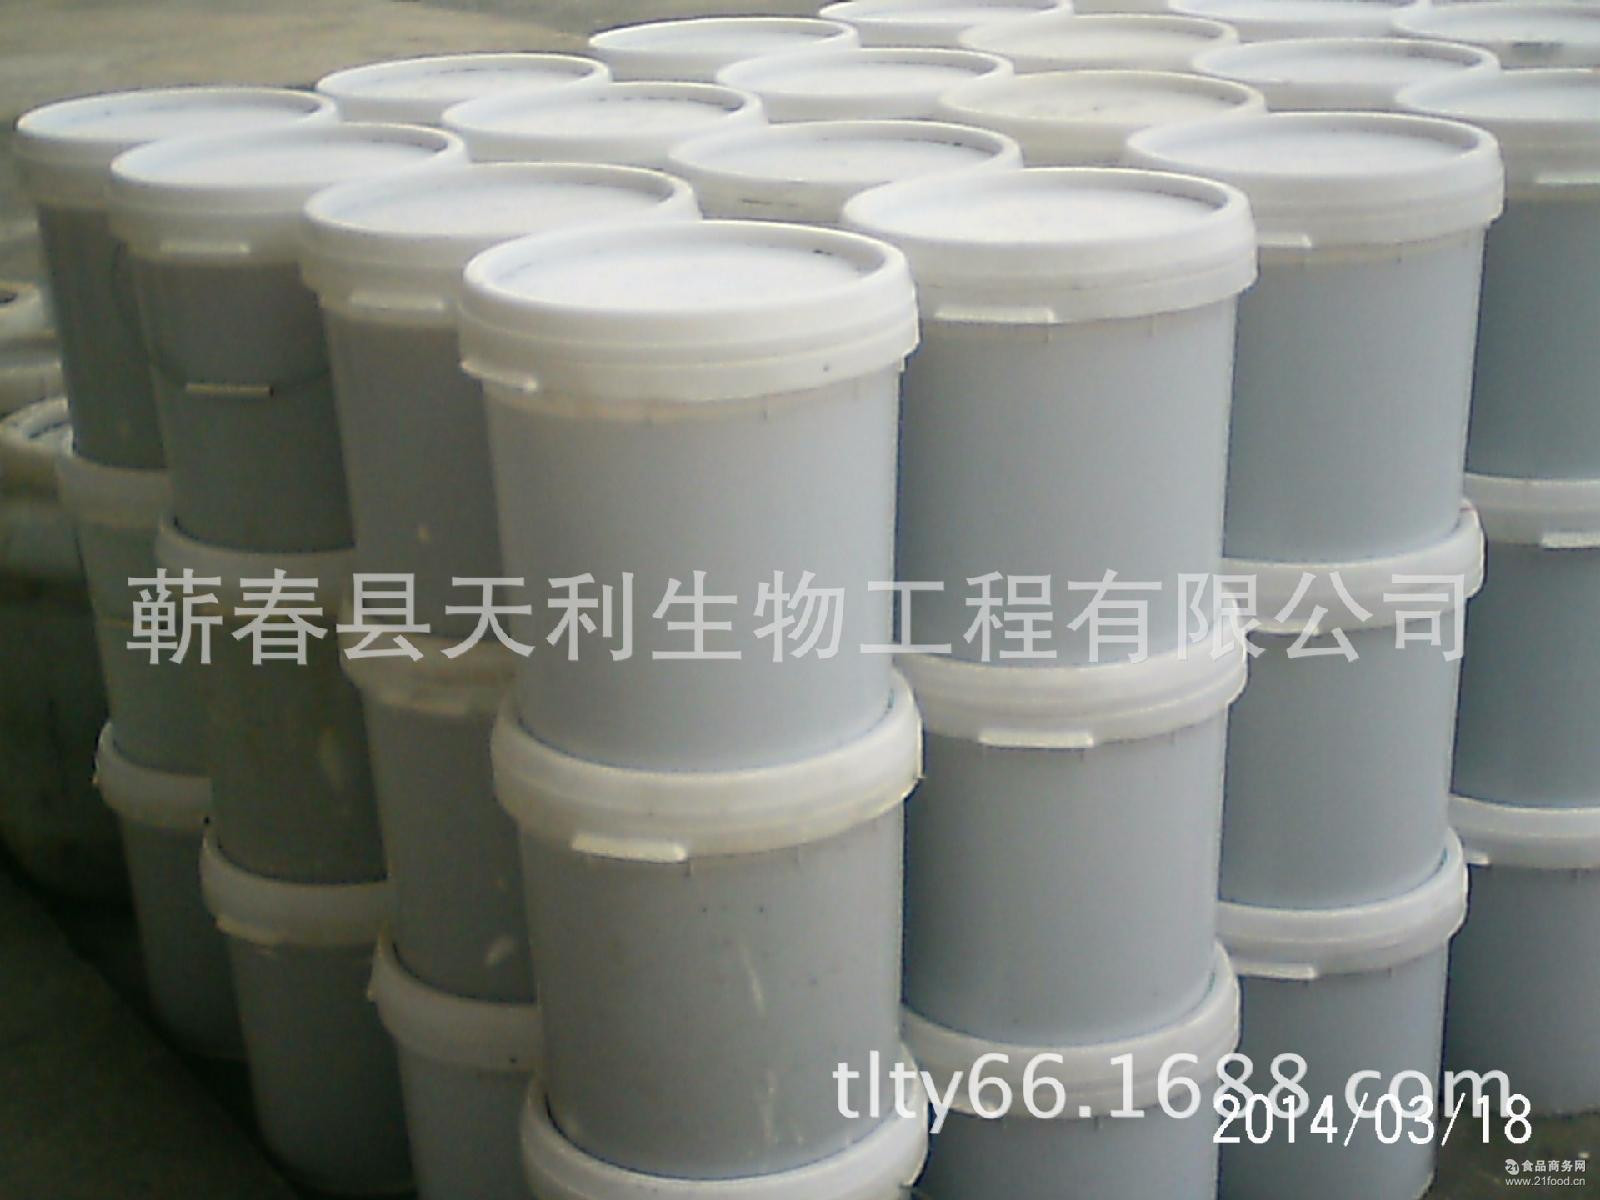 质量可靠厂家直销 饴糖 烤鸭专用优质麦芽糖 品质保证 糖稀